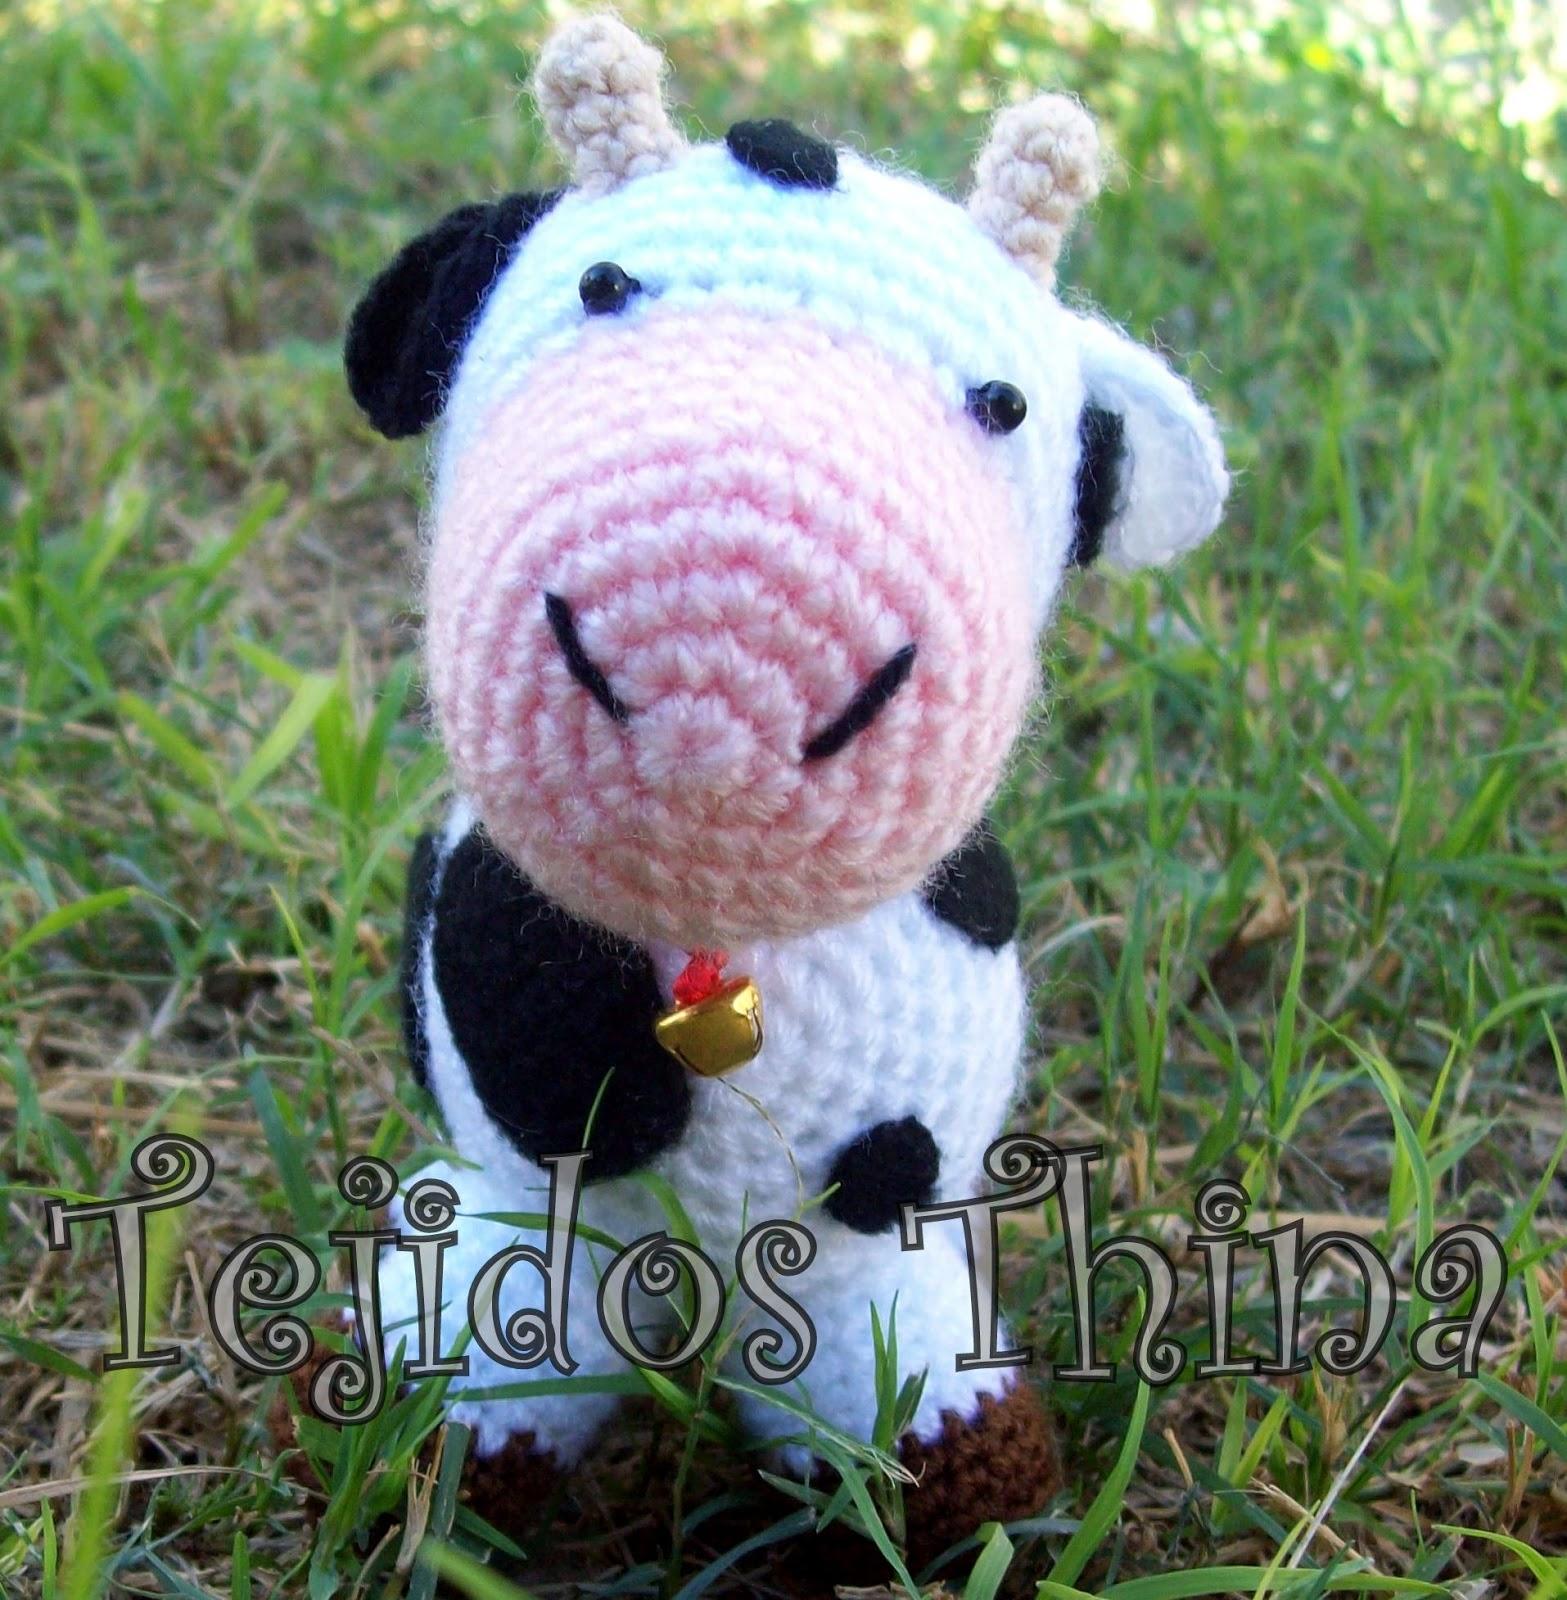 Galamigurumis Soy una Vaca: Patrón revisado - Galamigurumis | 1600x1567